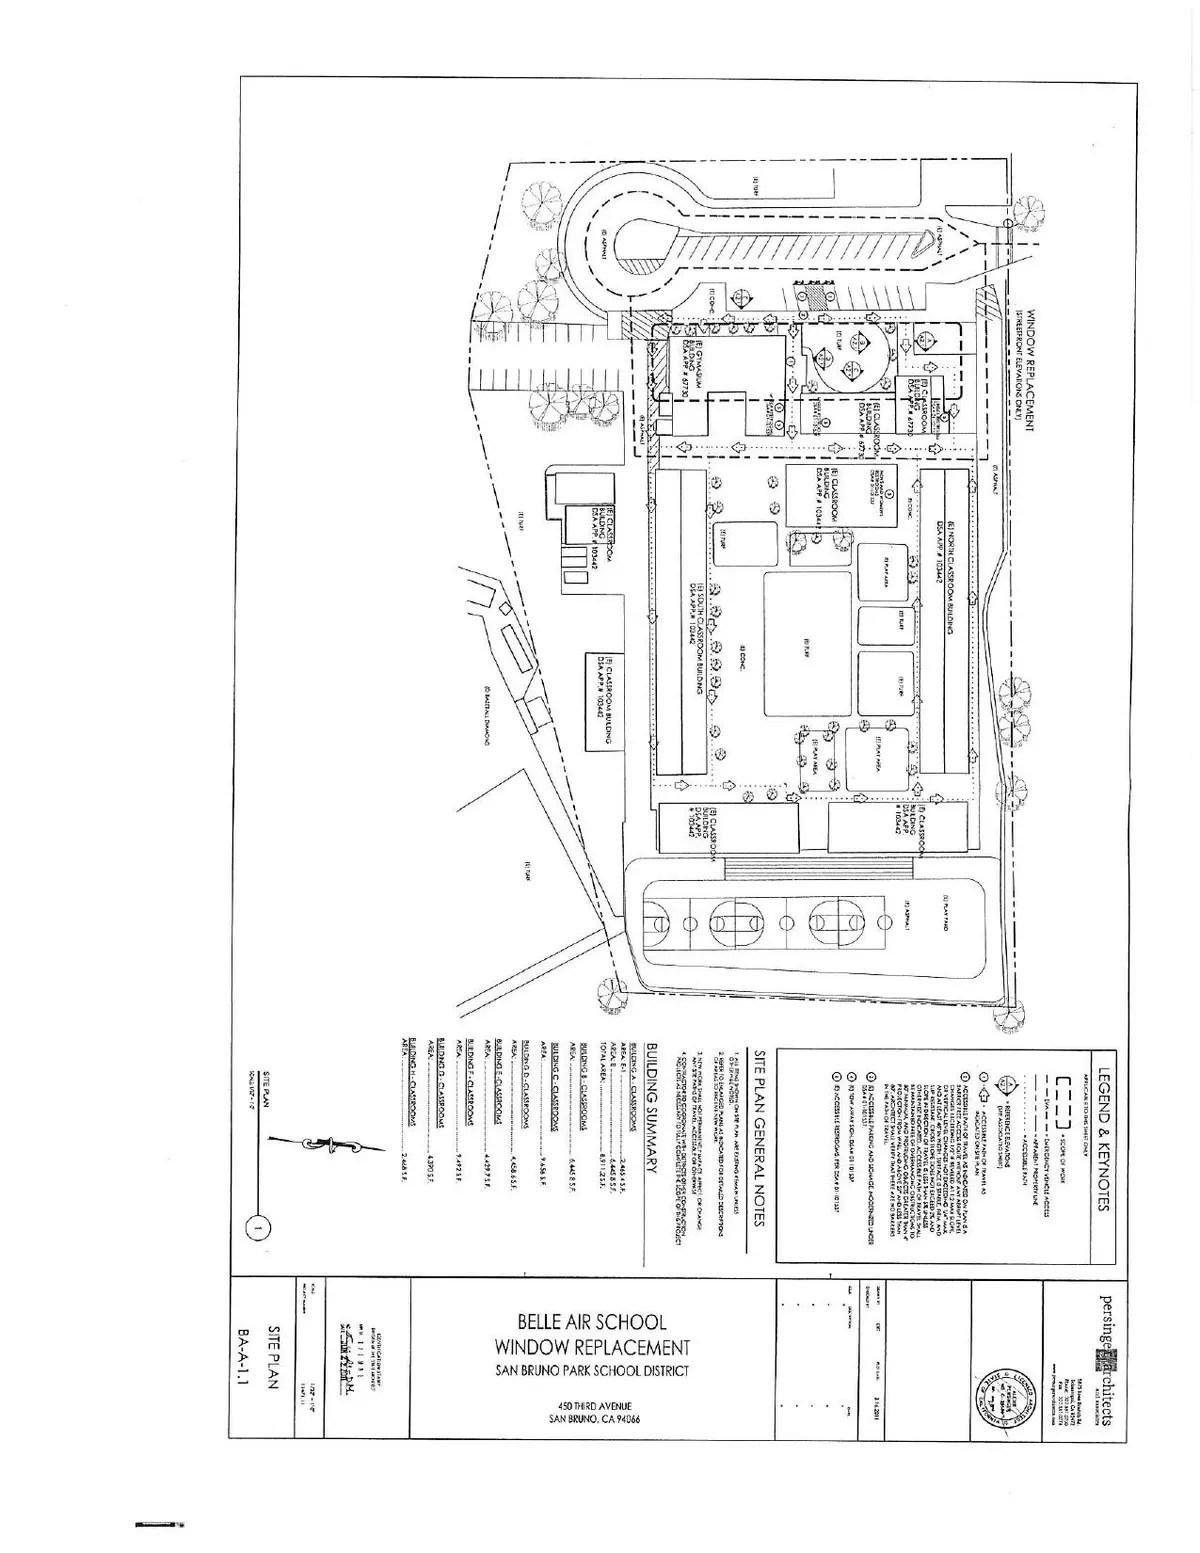 hight resolution of wrg 4232 schematic diagram 9790schematic diagram 9790 7